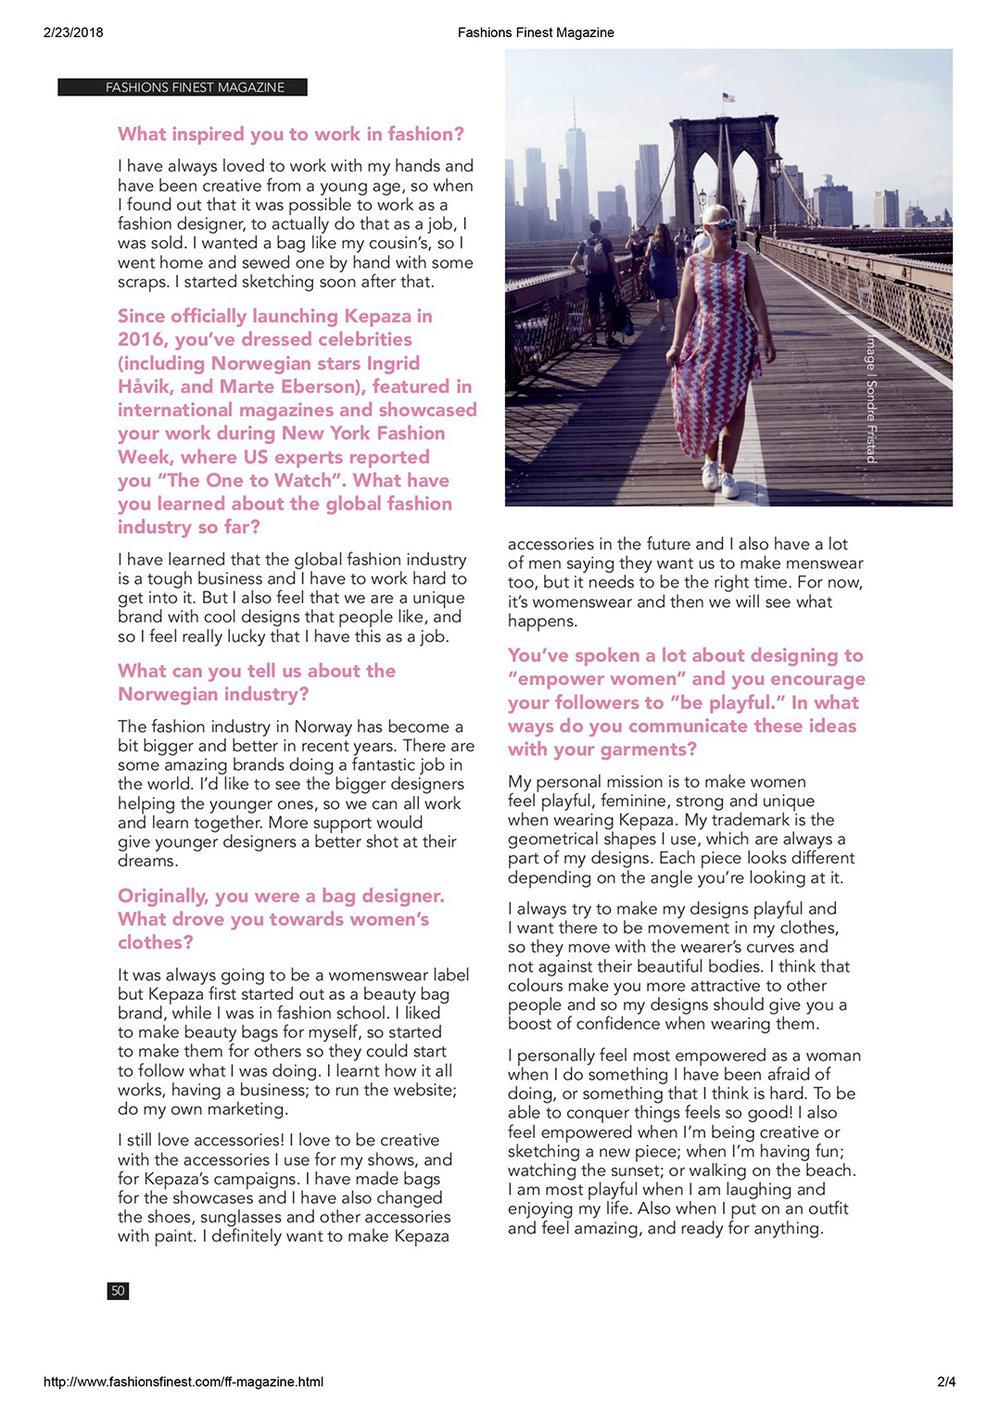 1Fashions Finest Magazine - Kepaza-2.jpg